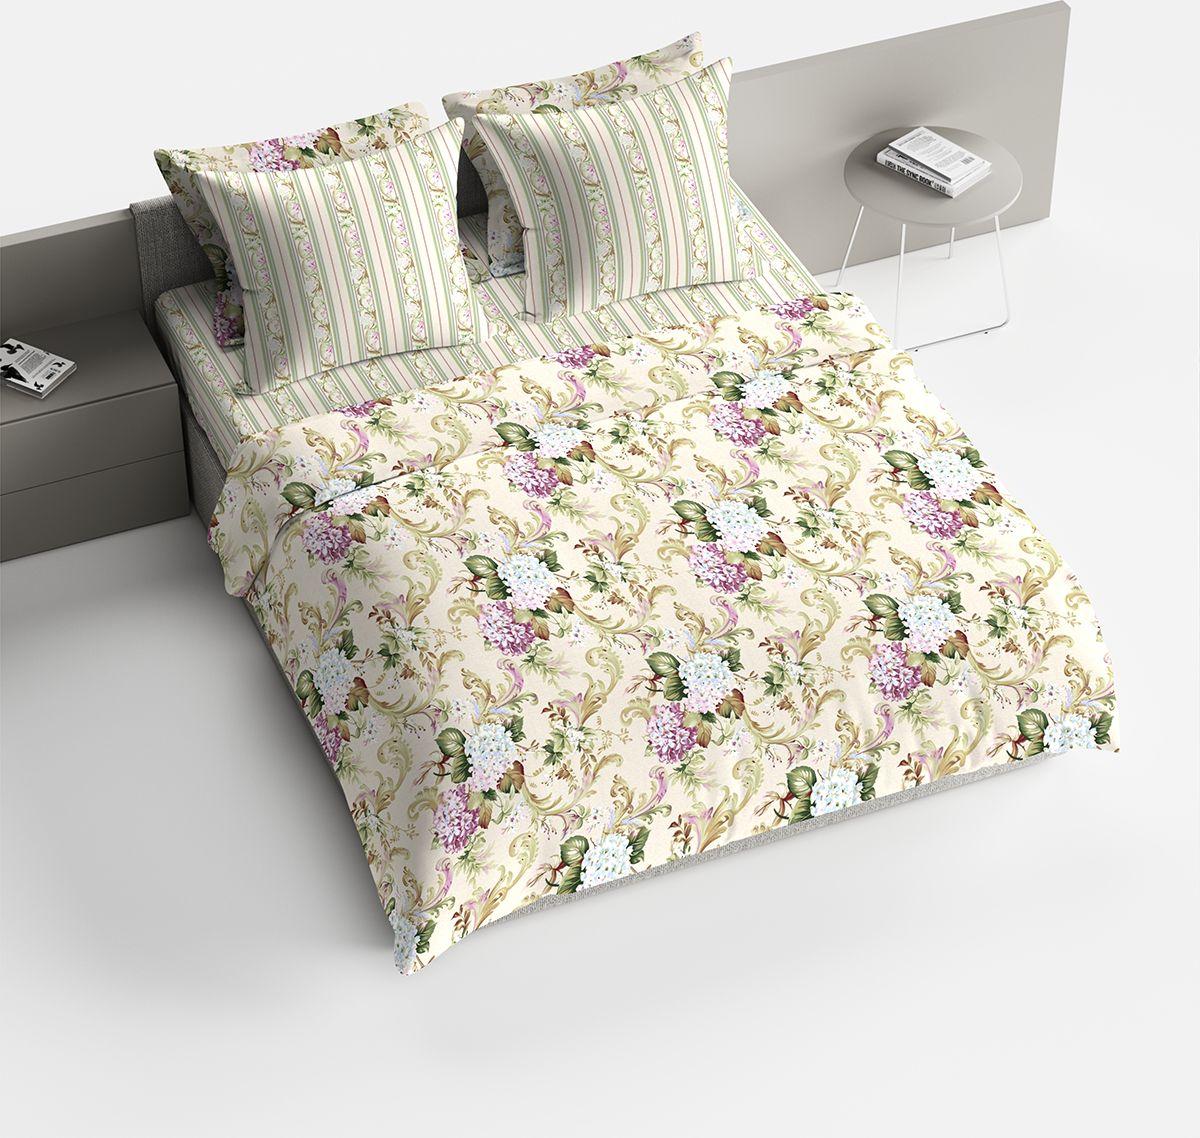 Комплект белья Браво Гортензия, 1,5 спальное, наволочки 70x70, цвет: светло-бежевый. 1818-146068